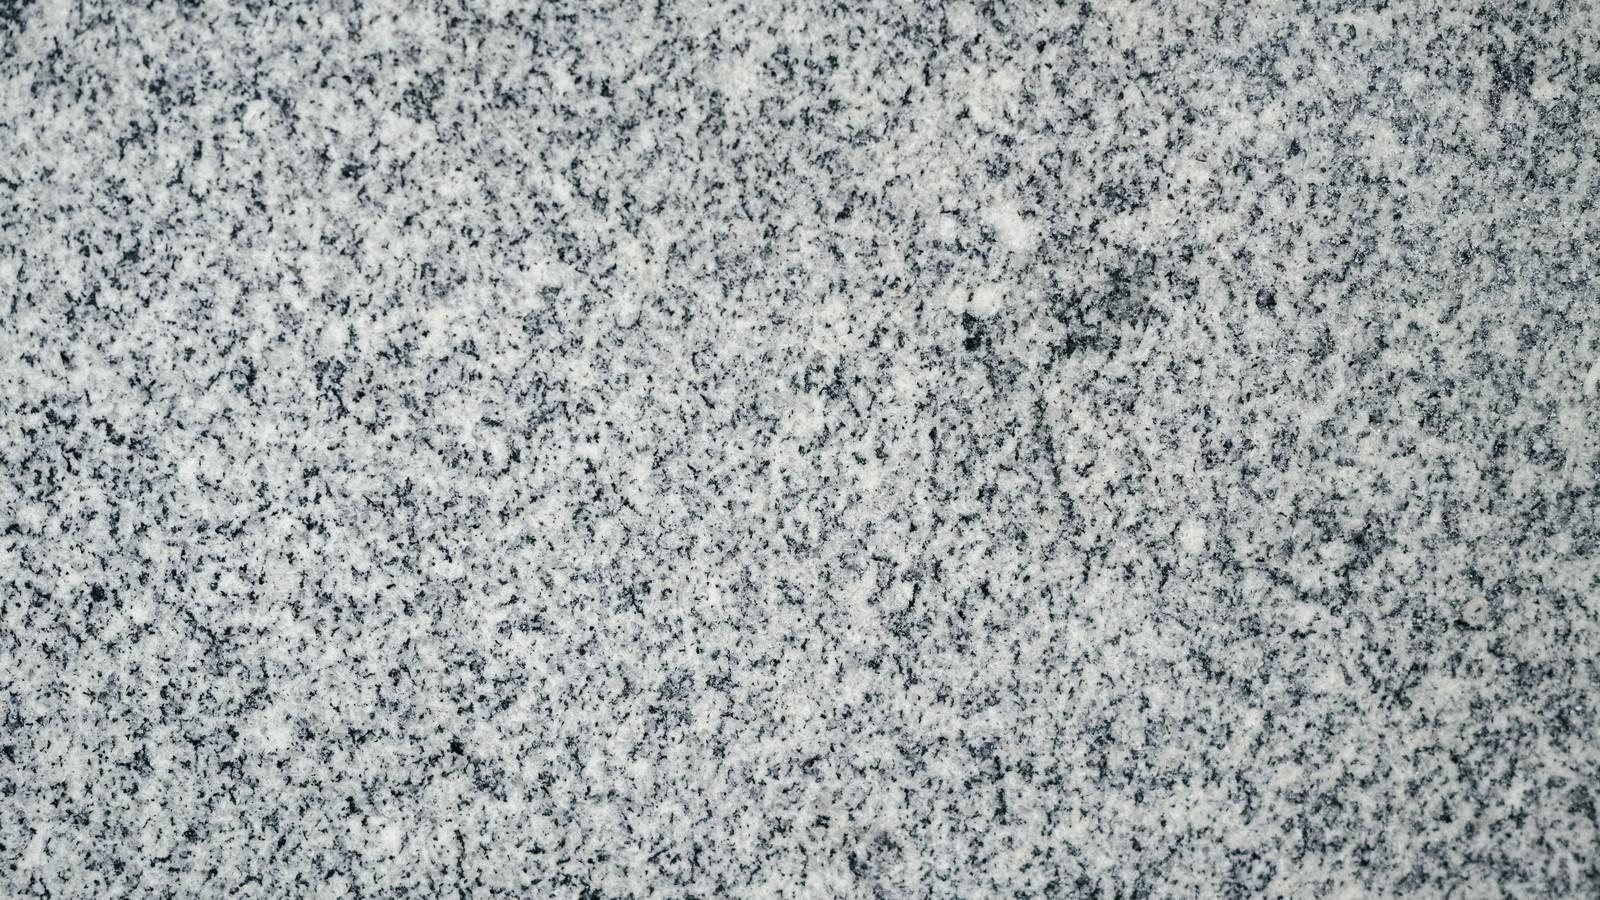 「大理石のような模様の壁(テクスチャ)」の写真